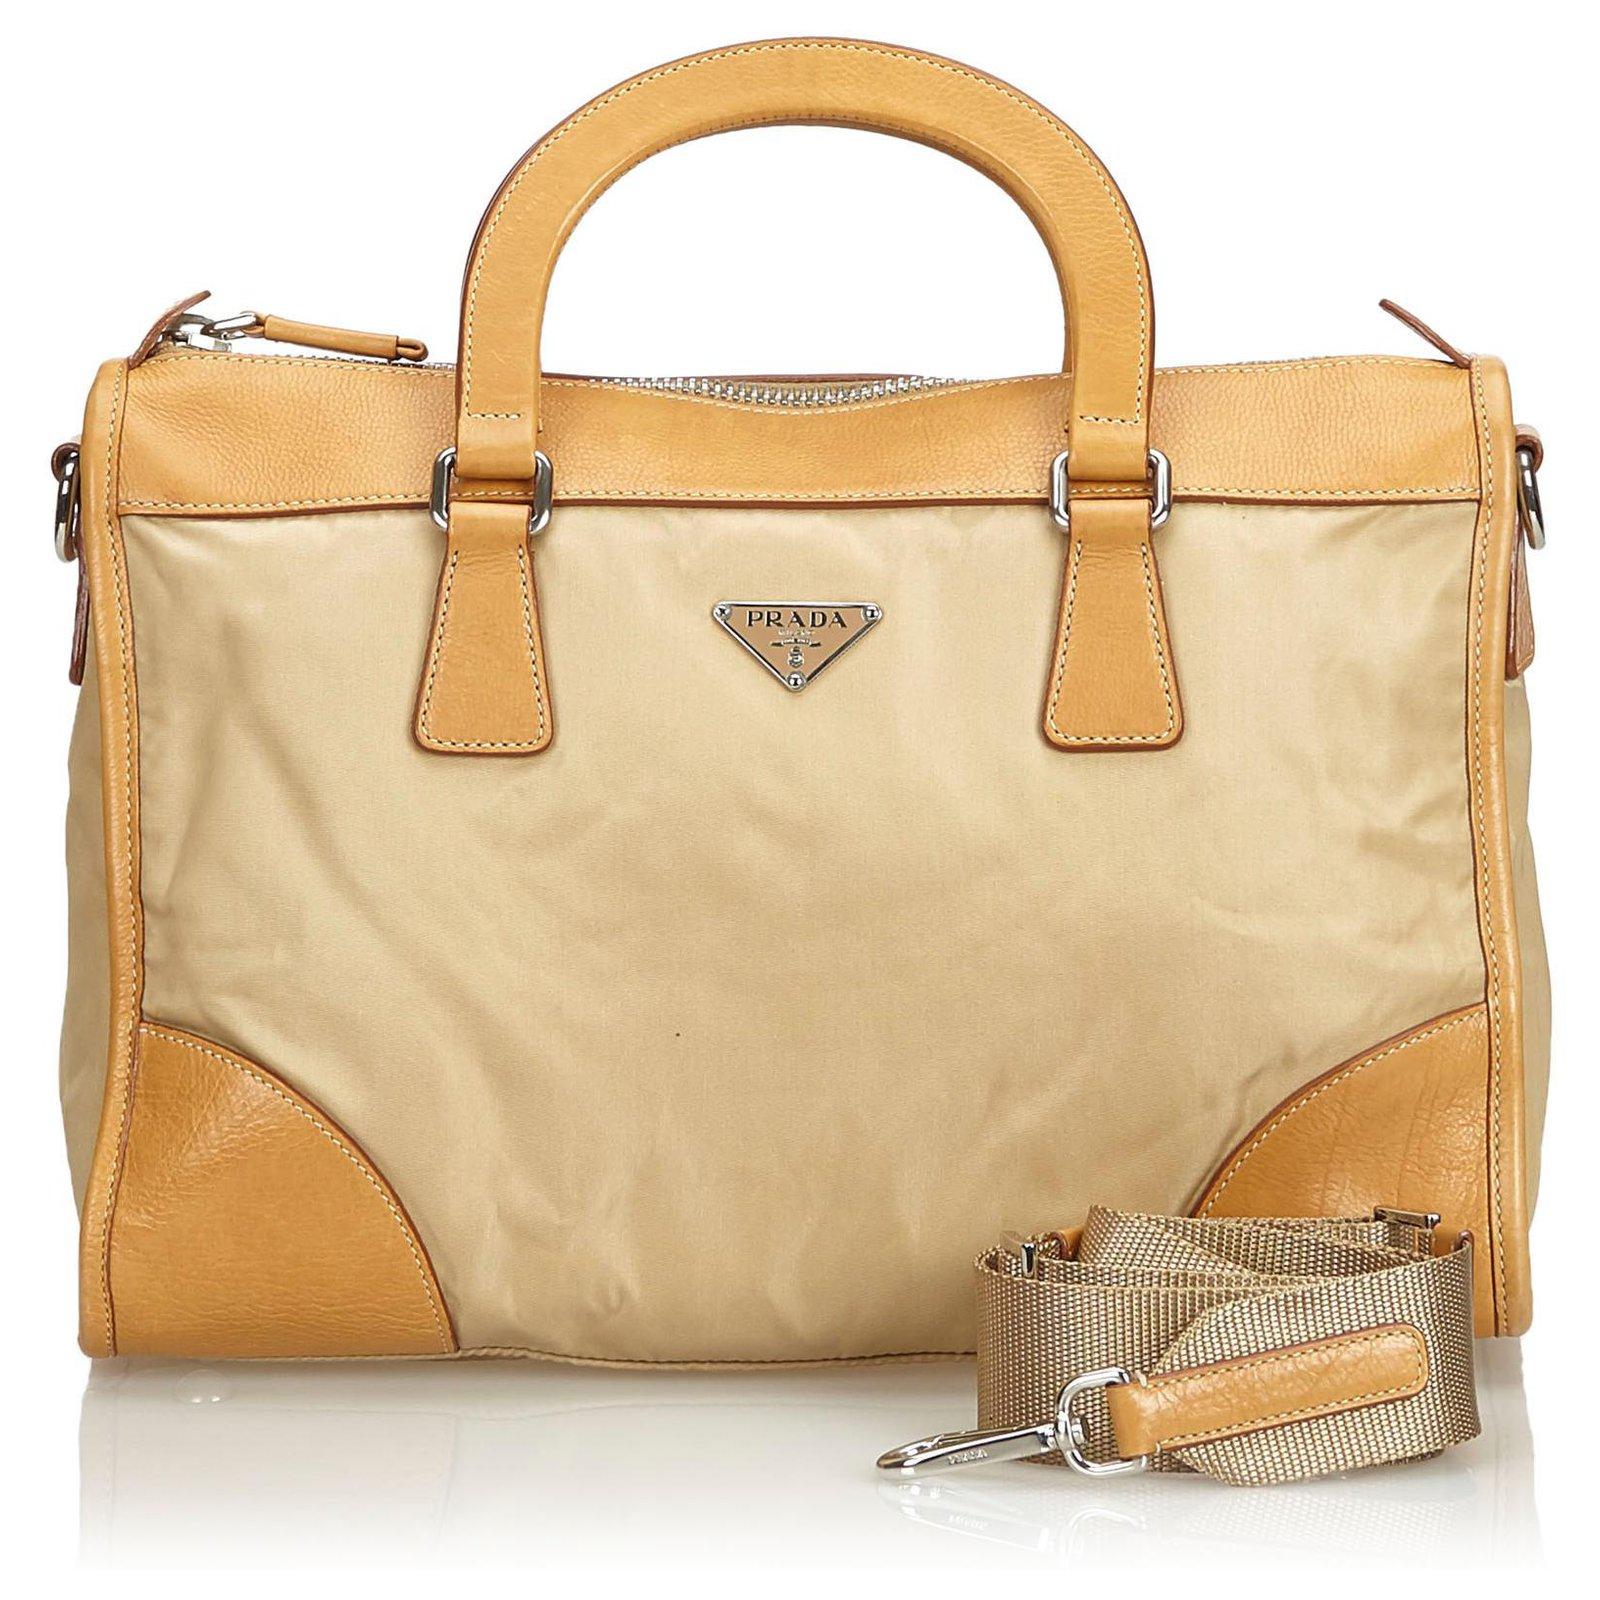 nouveaux styles f2228 93b40 Cartable Prada Nylon Marron